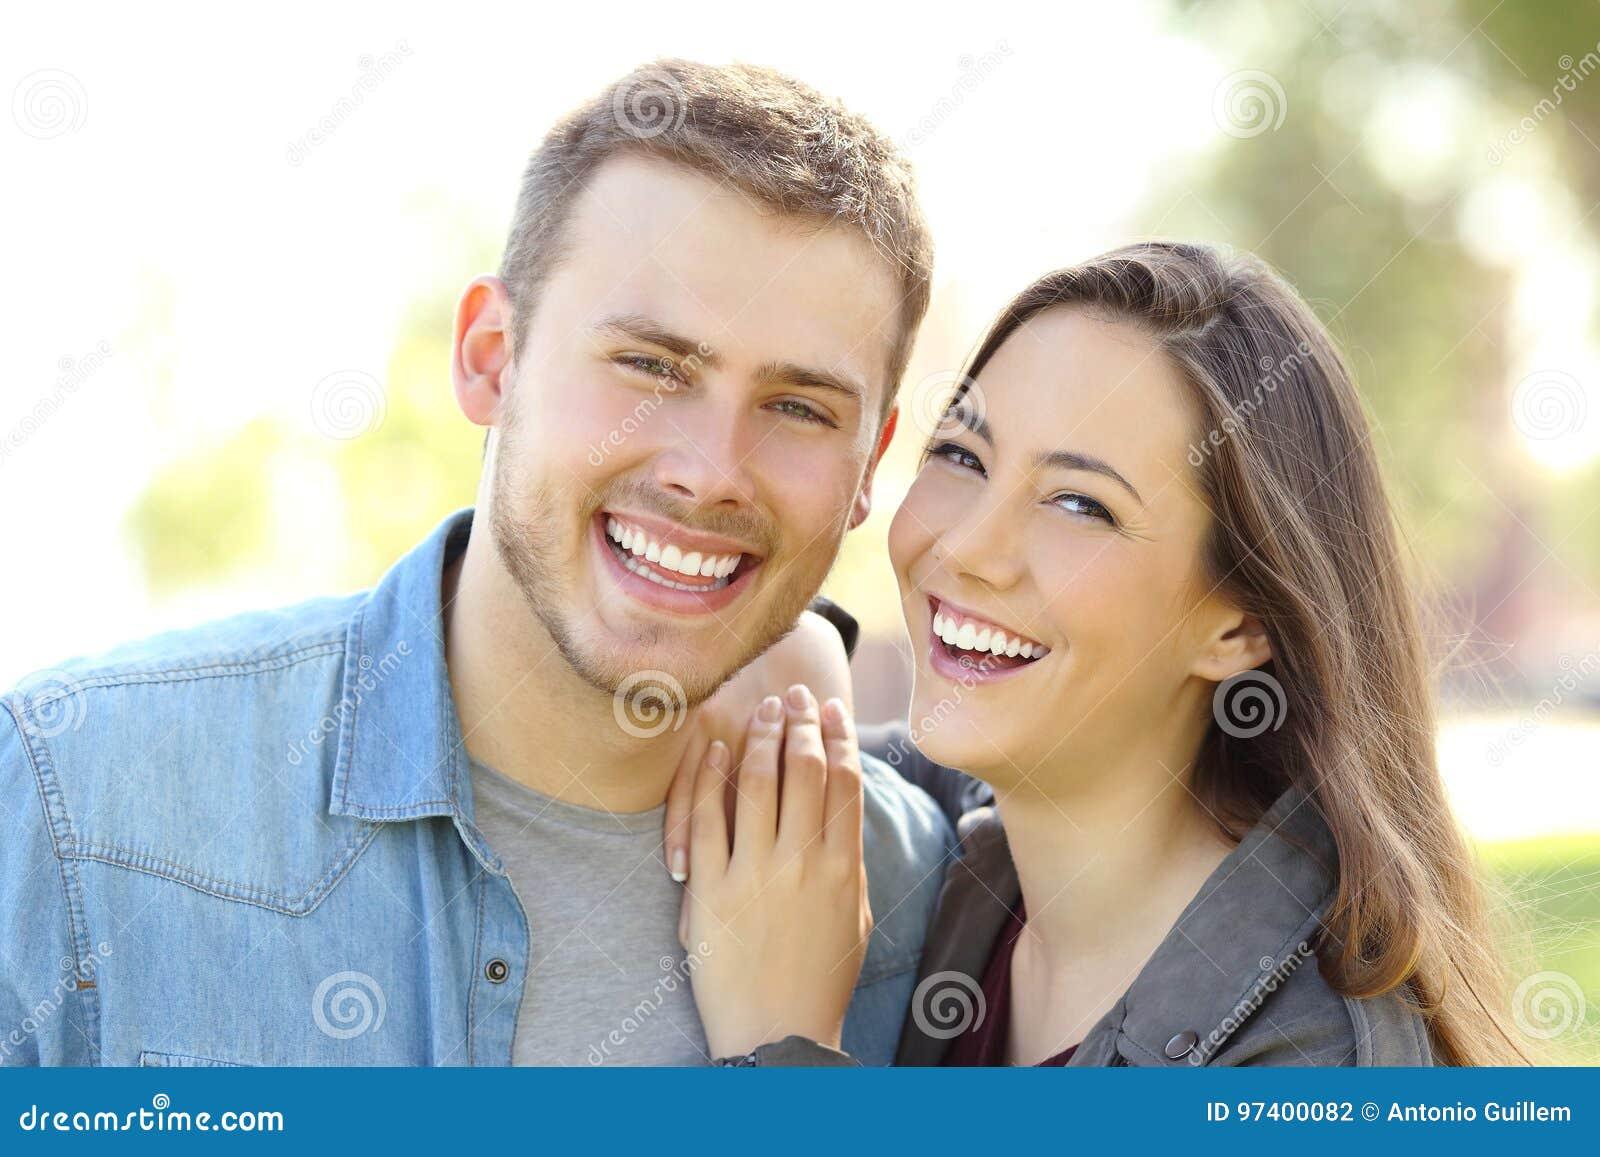 Acople o levantamento com sorriso perfeito e os dentes brancos